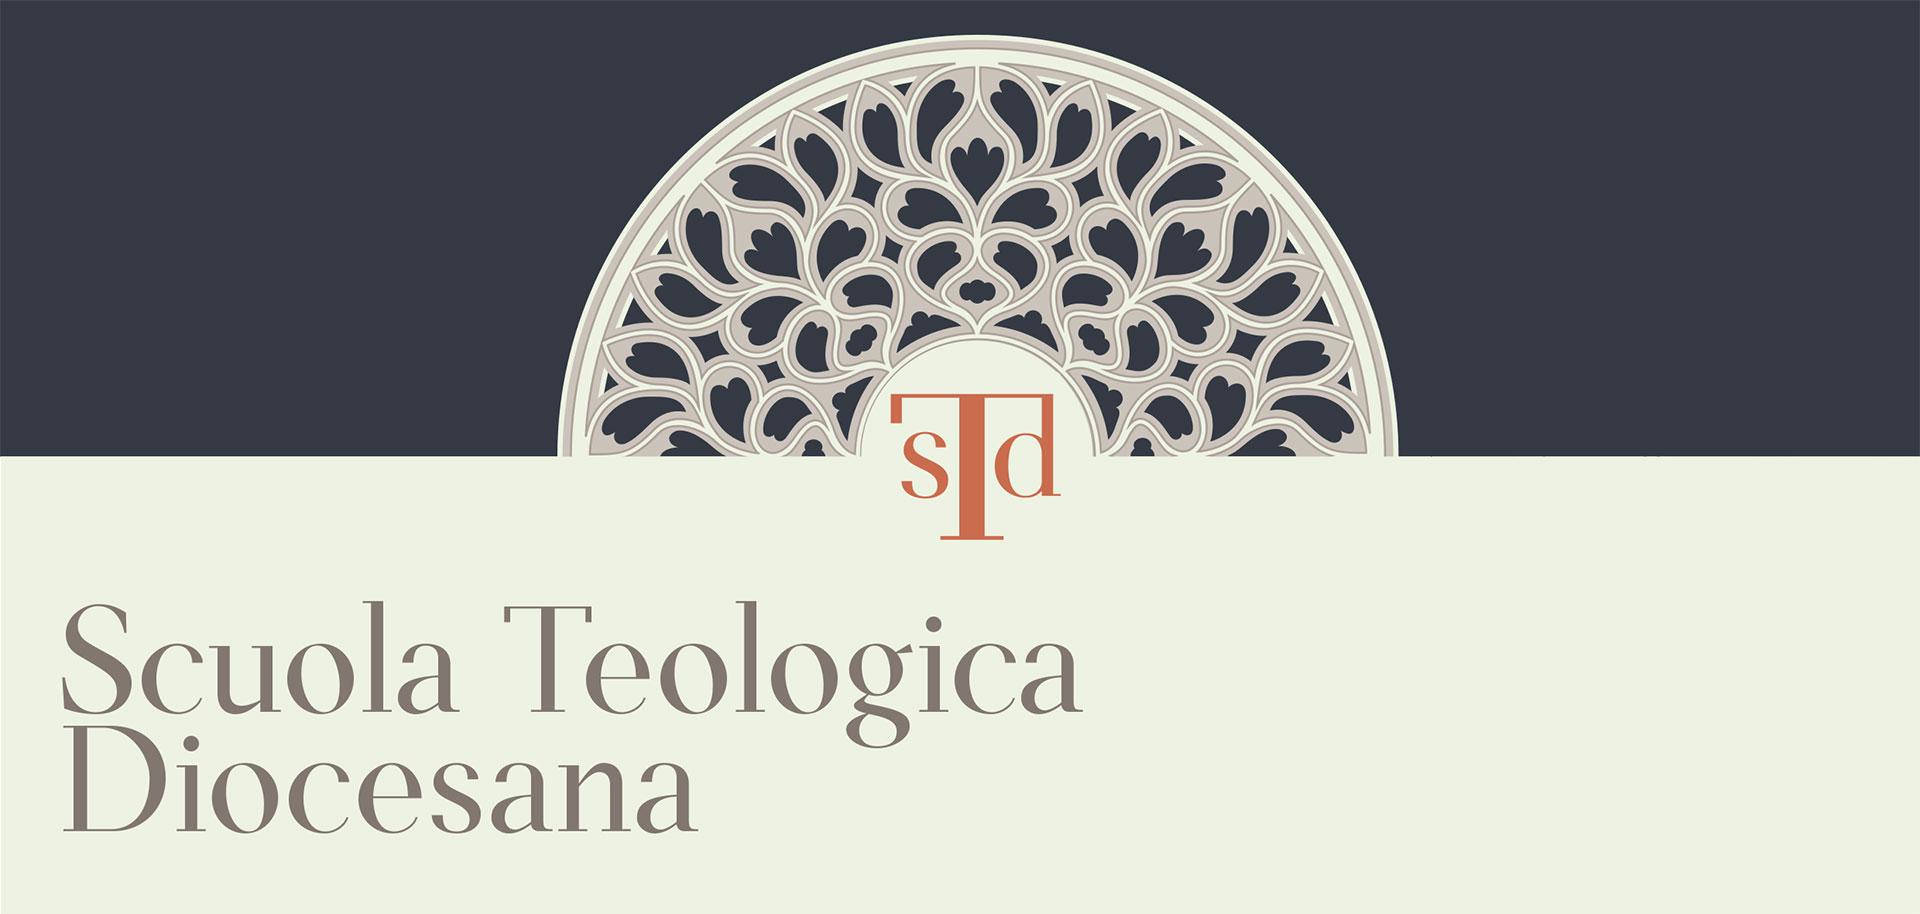 scuola teologica diocesana